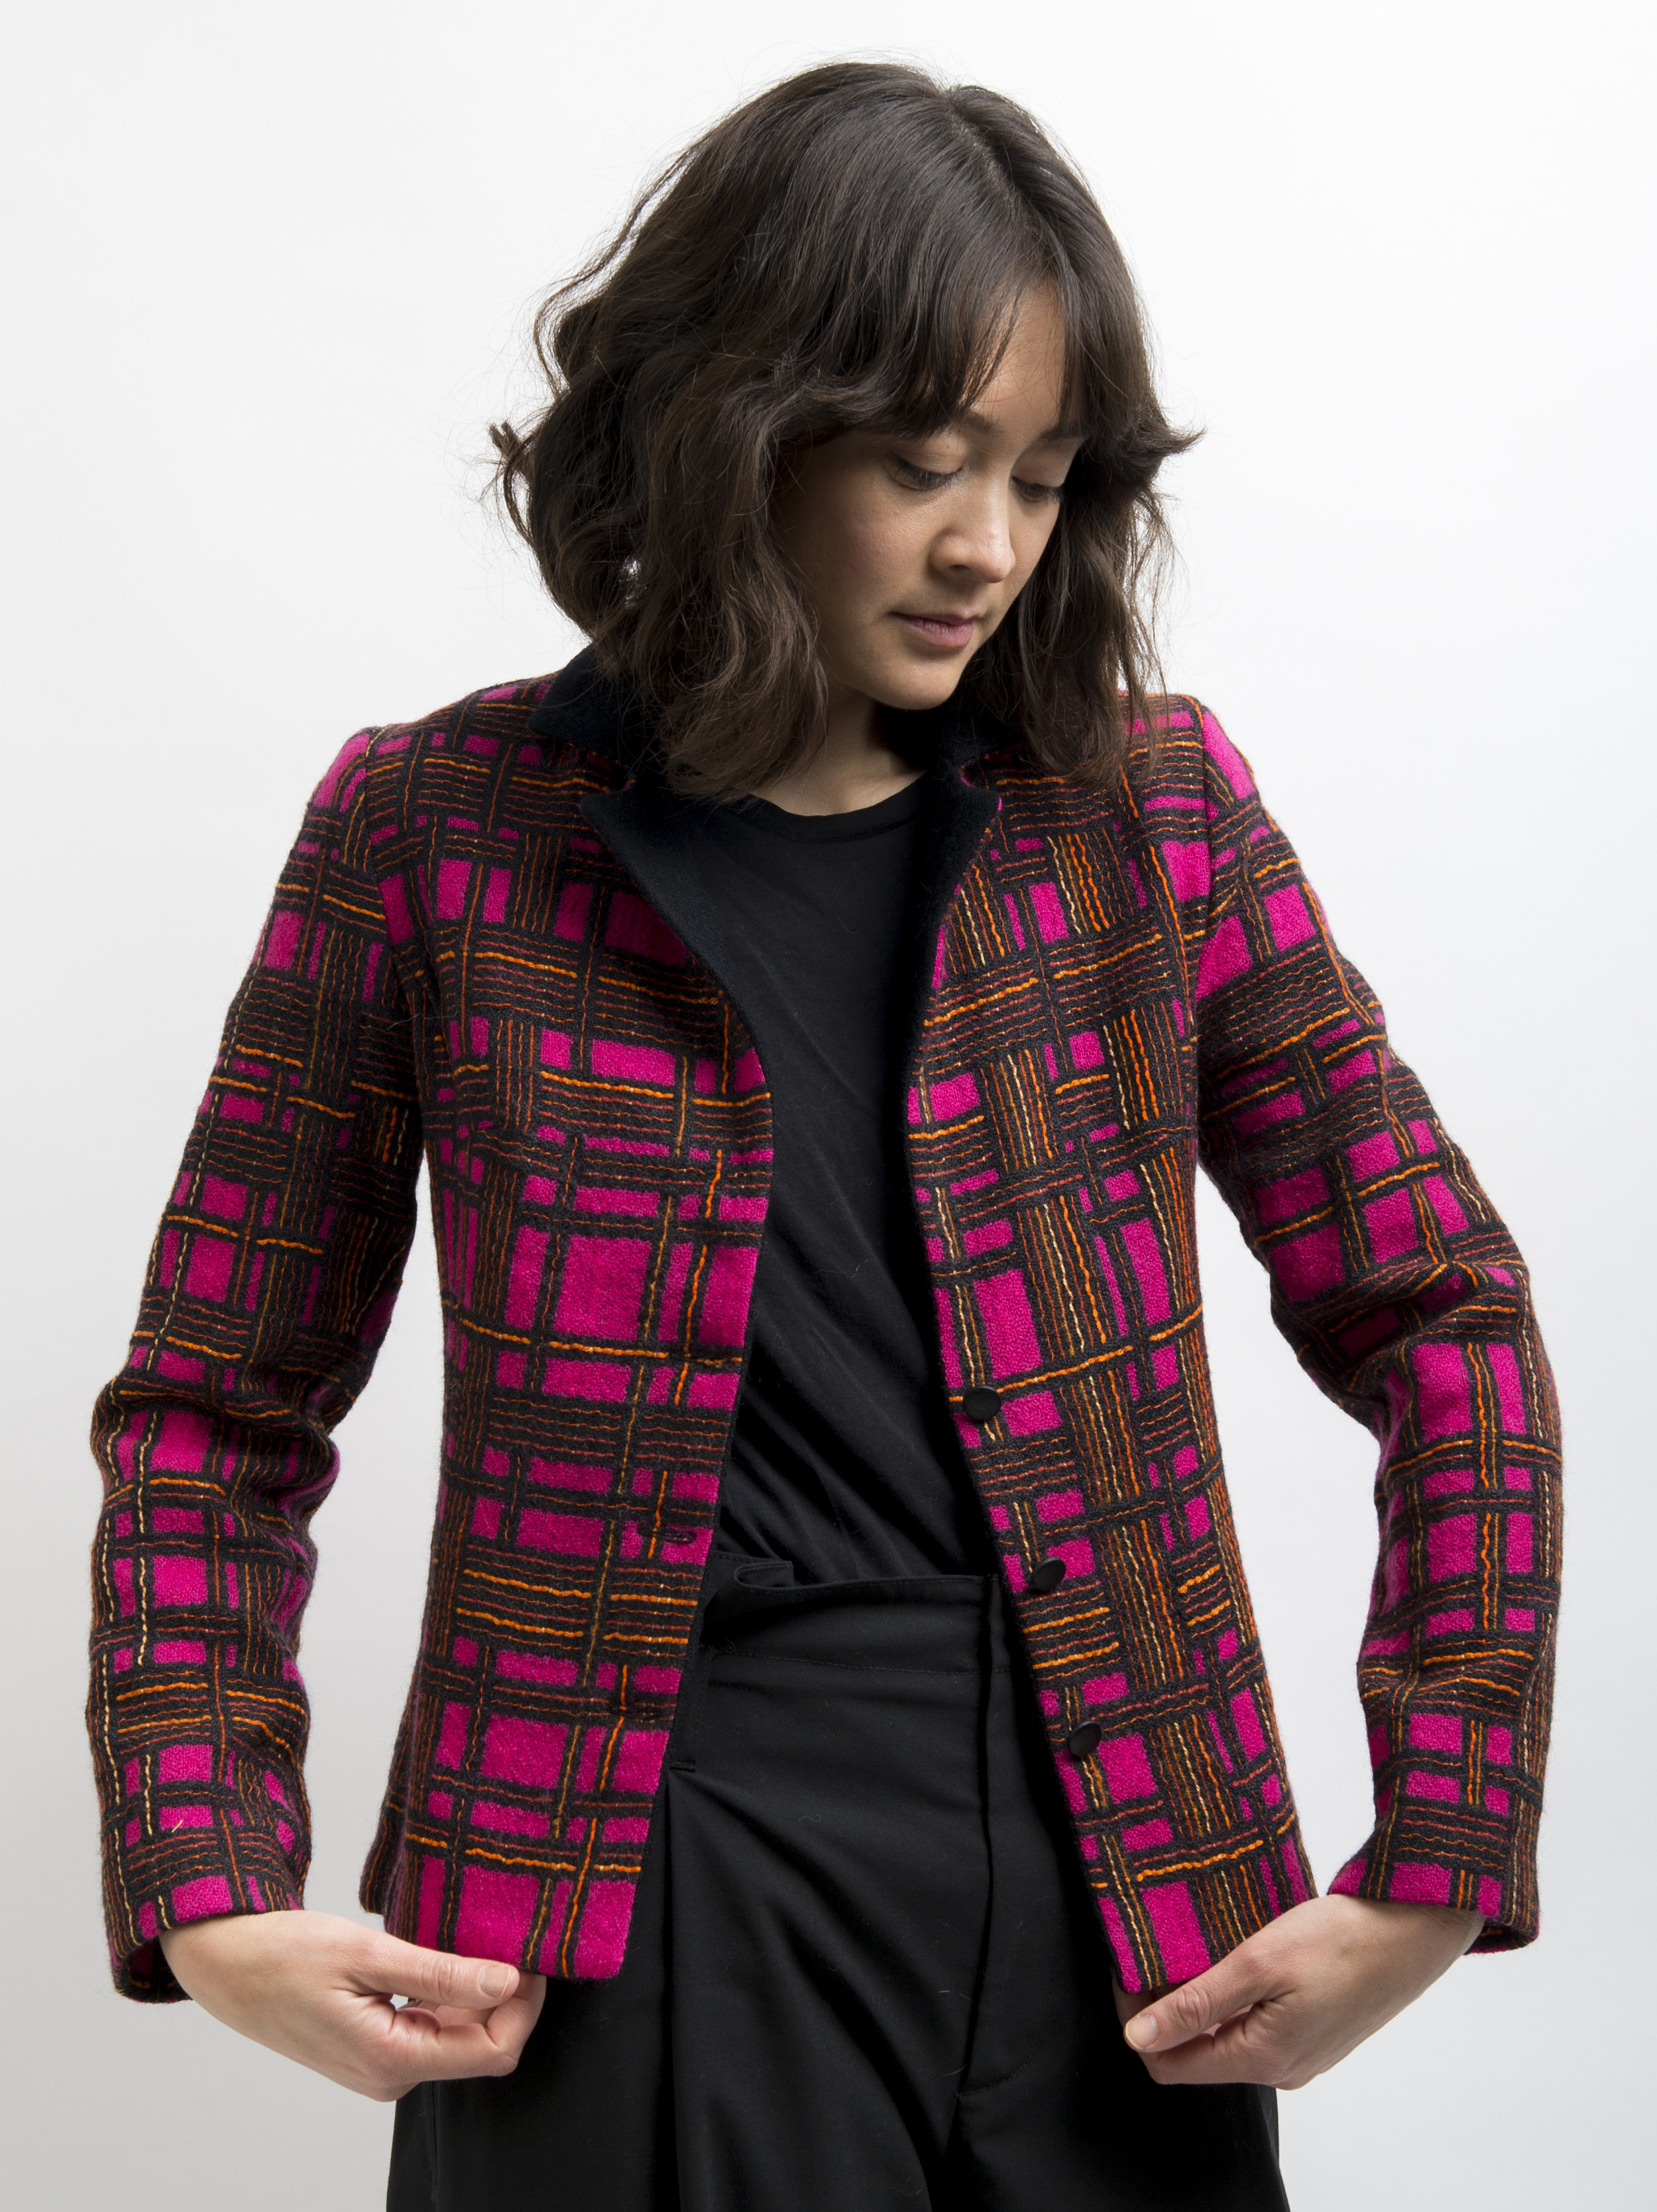 textiles-28 72.jpg